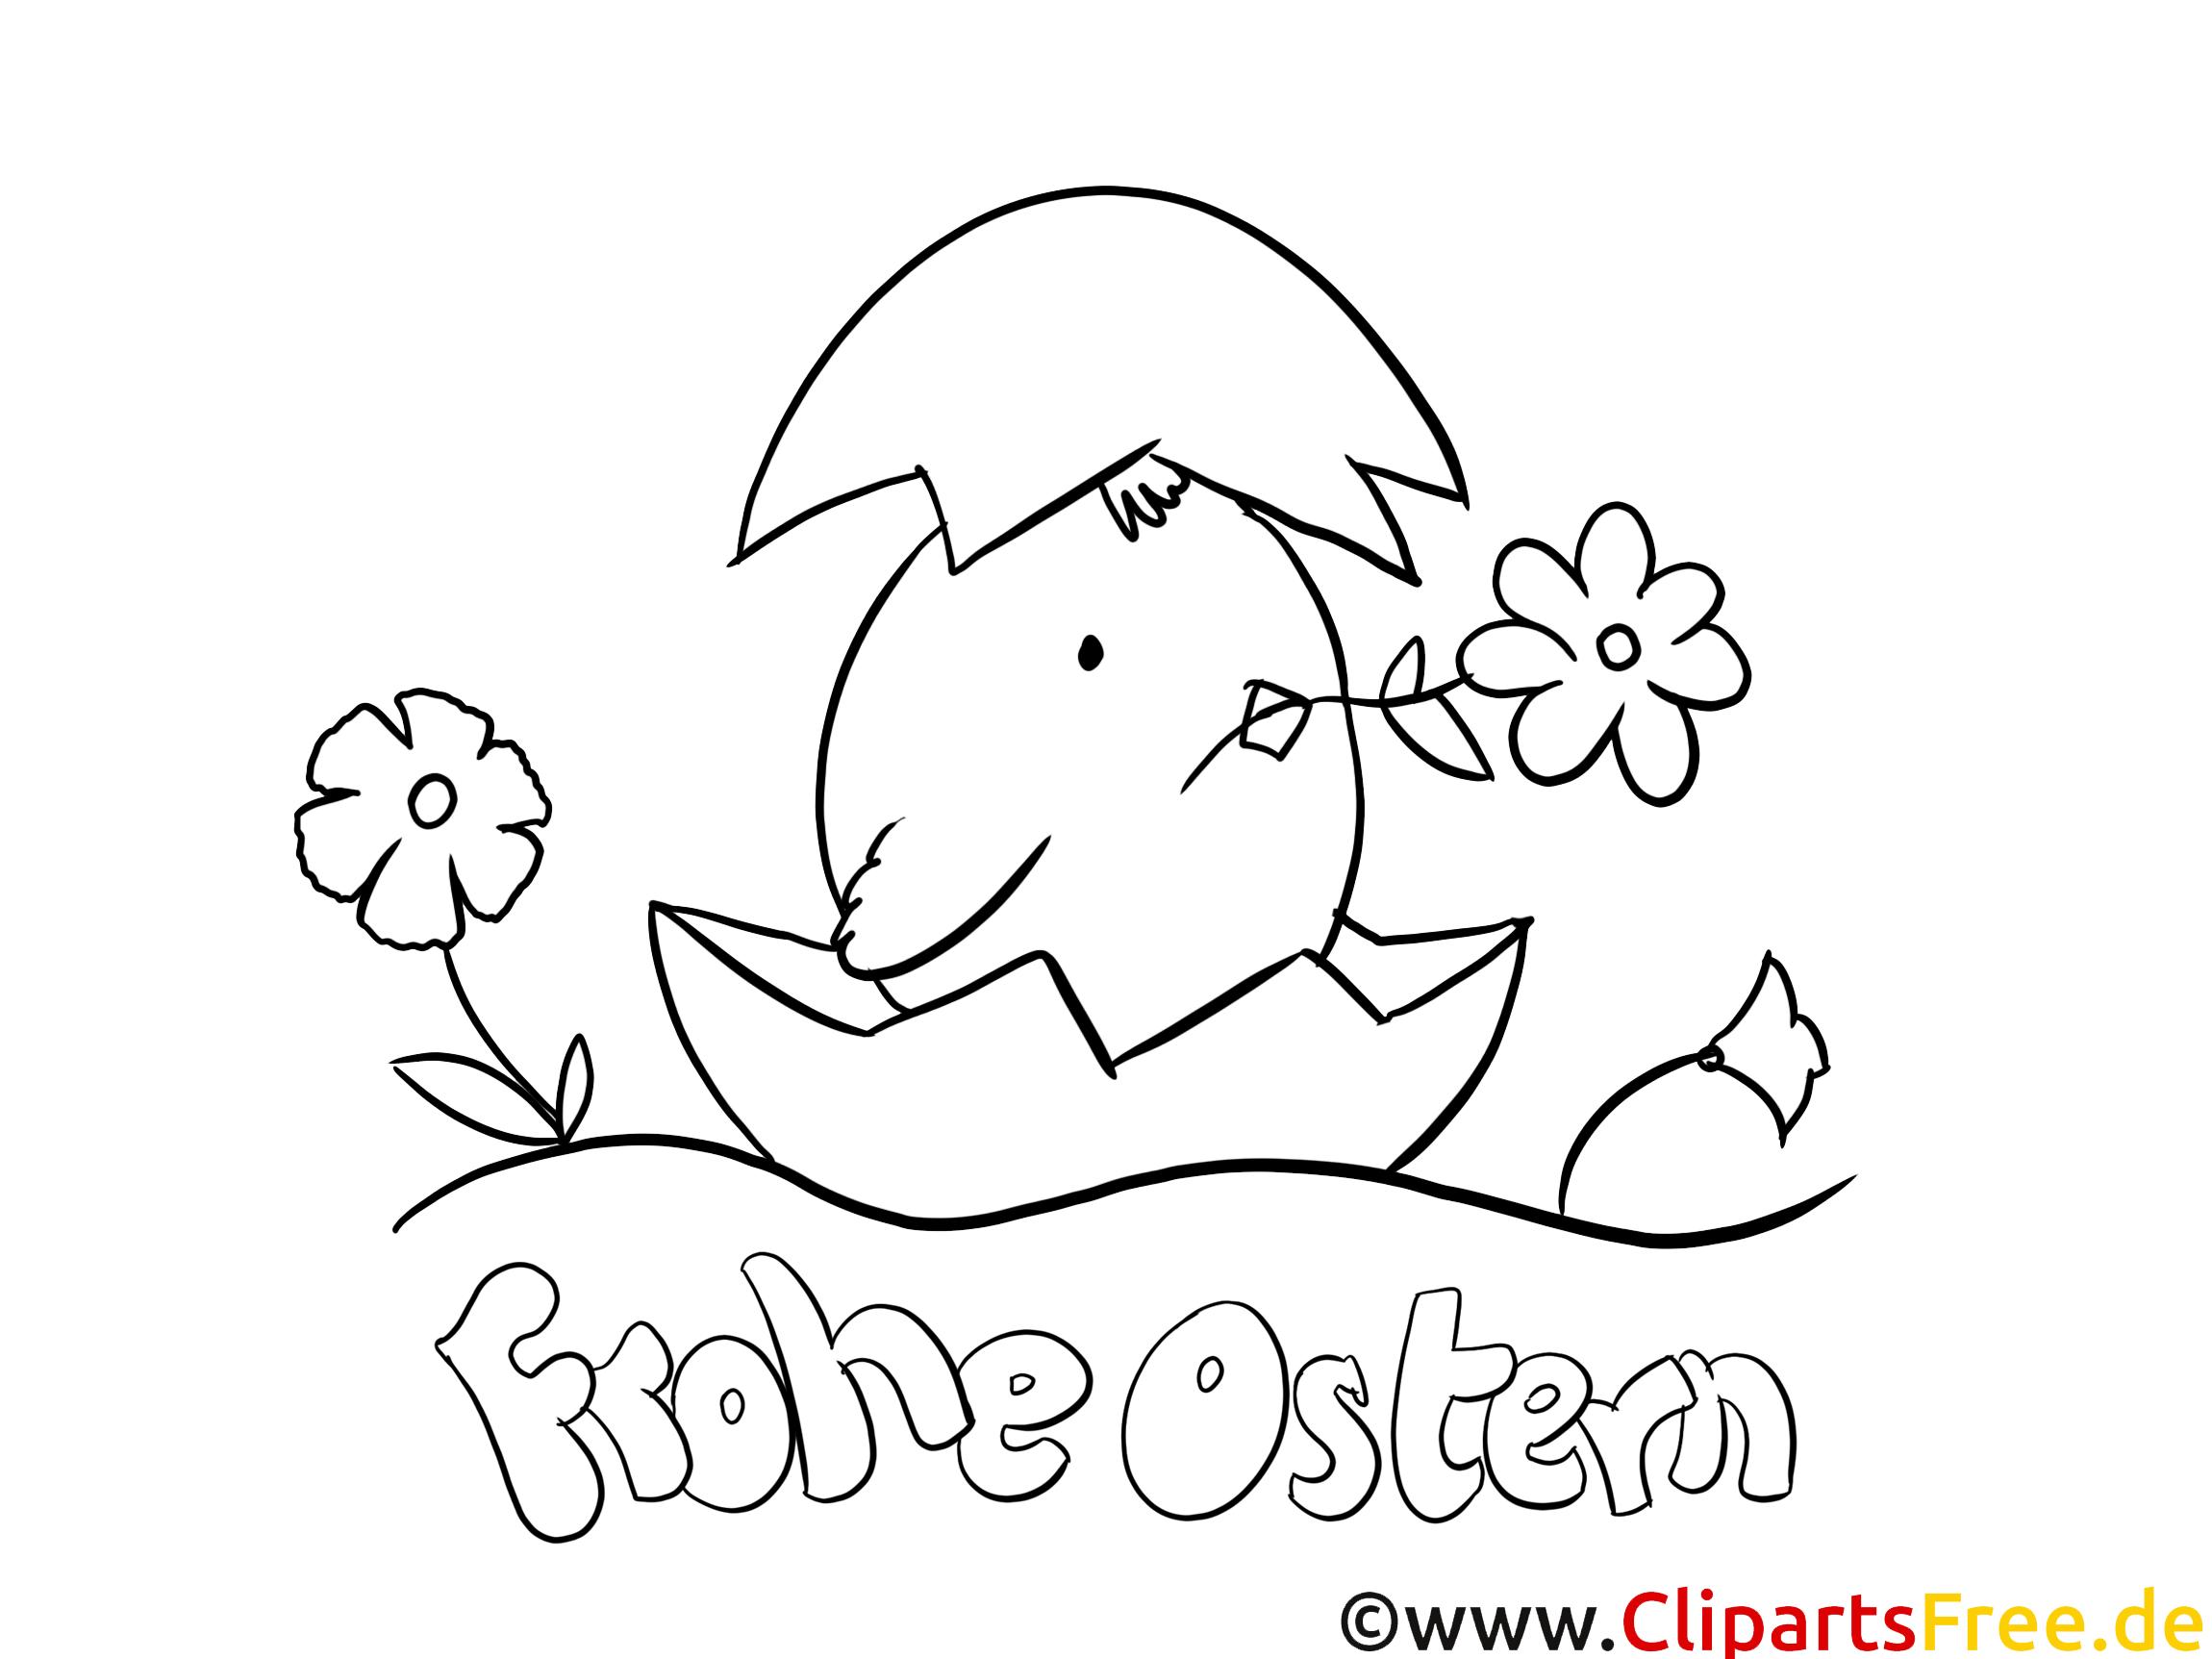 Frohe Ostern Malvorlagen PDF für Kindergarten